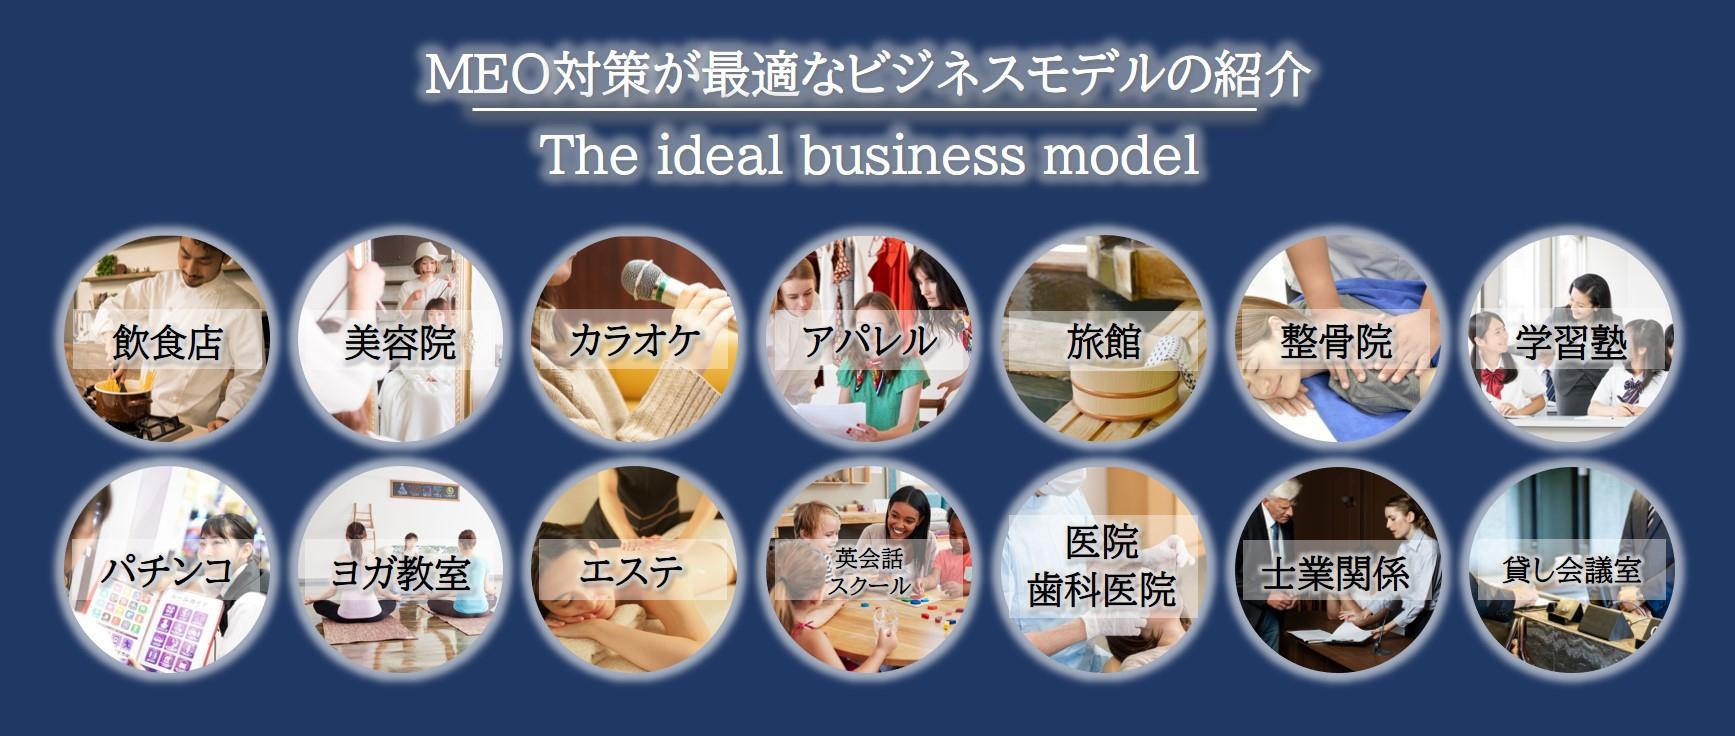 Ⅶ.MEO対策(ローカルSEO)が最適なビジネスモデル